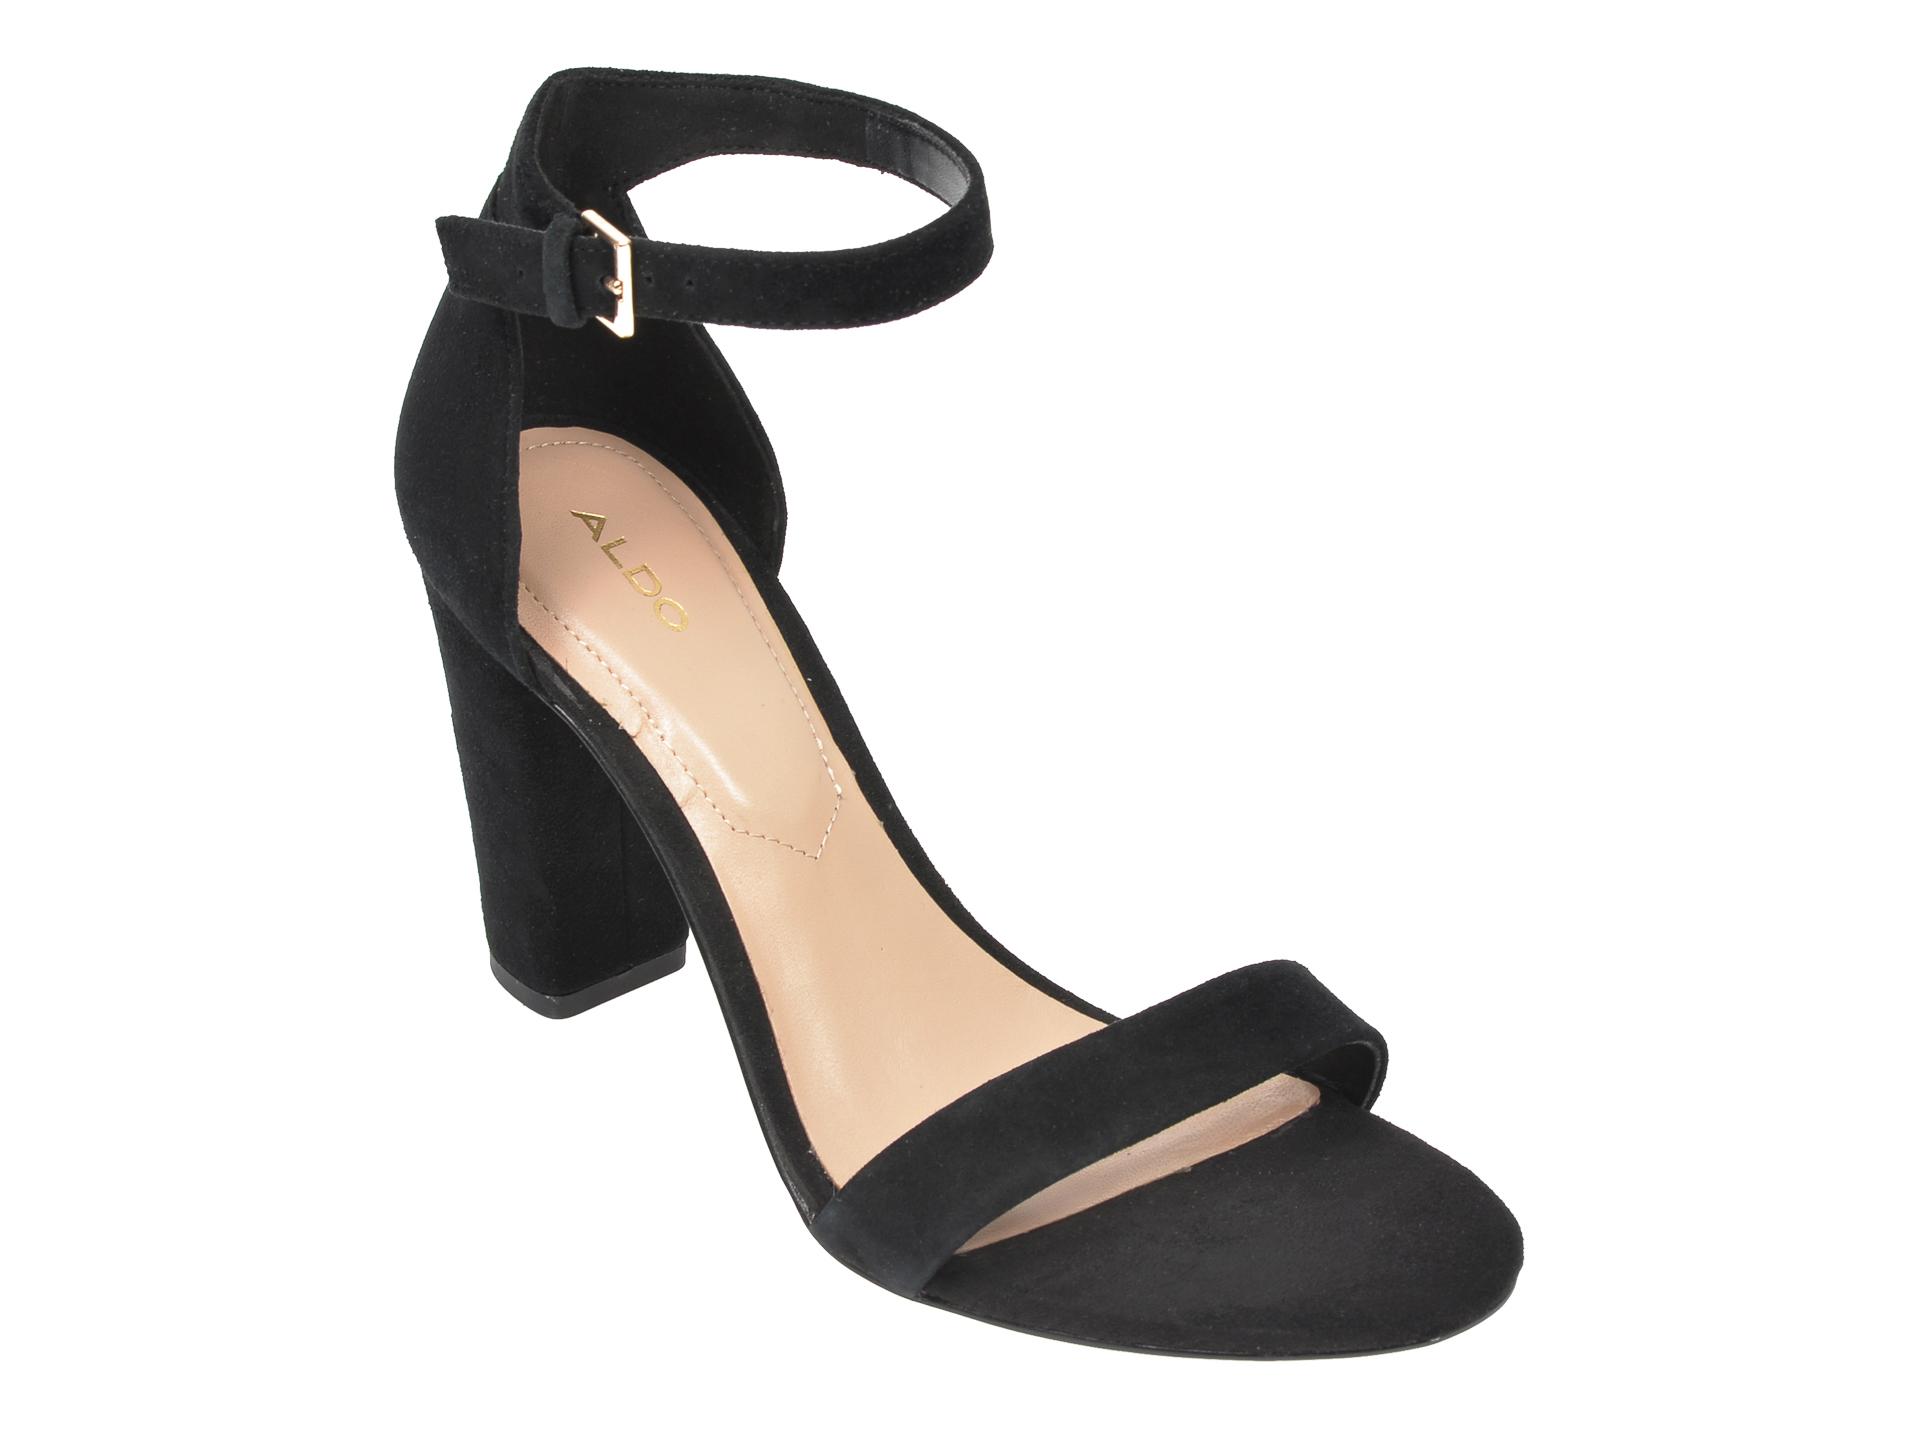 Sandale ALDO negre, Jerayclya001, din piele intoarsa